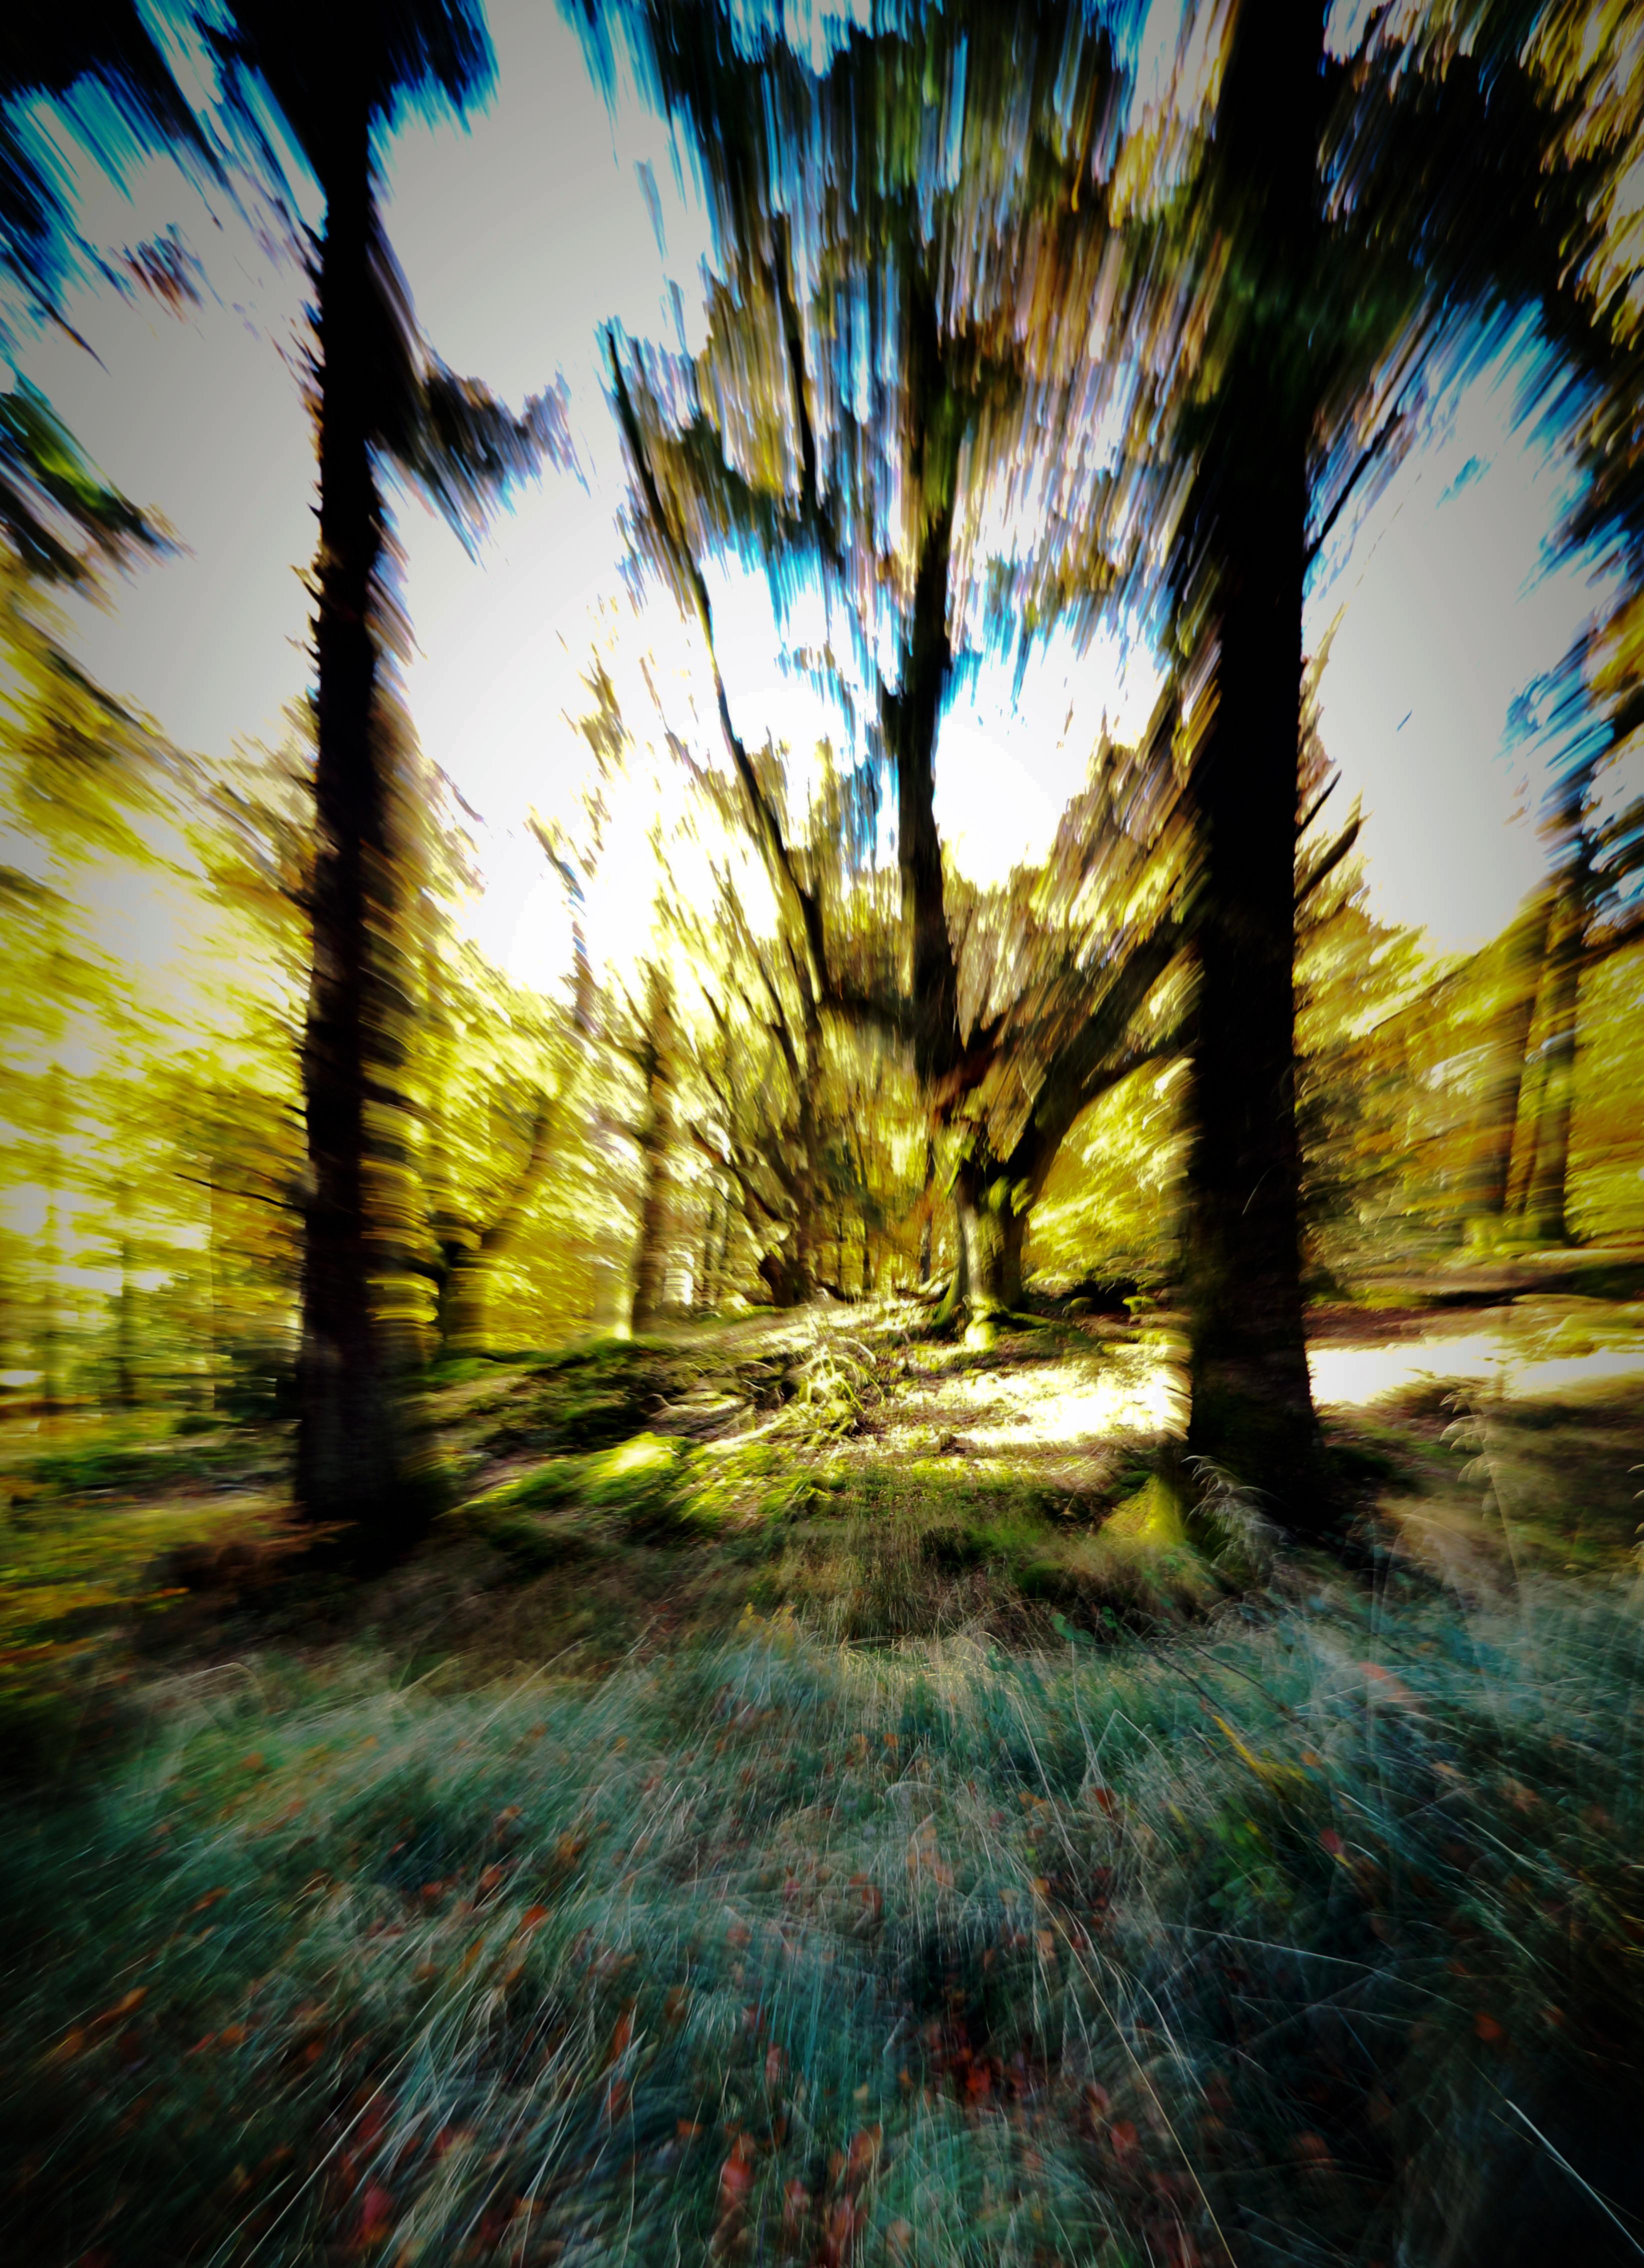 Wood rush